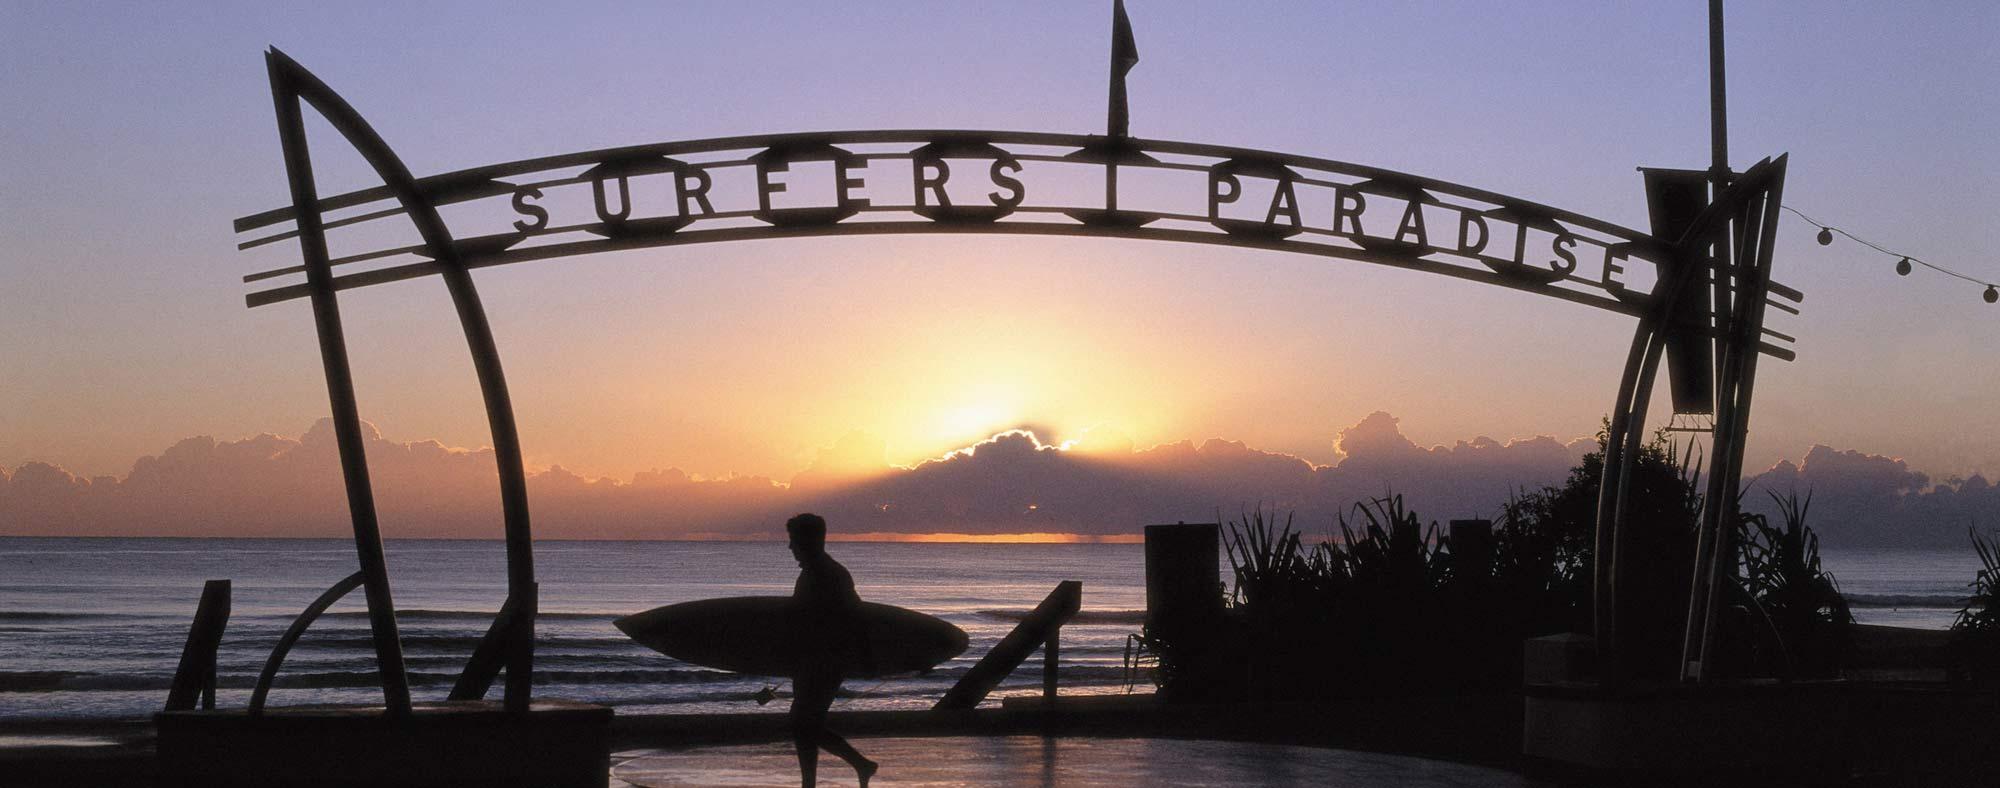 surfare paradis dating